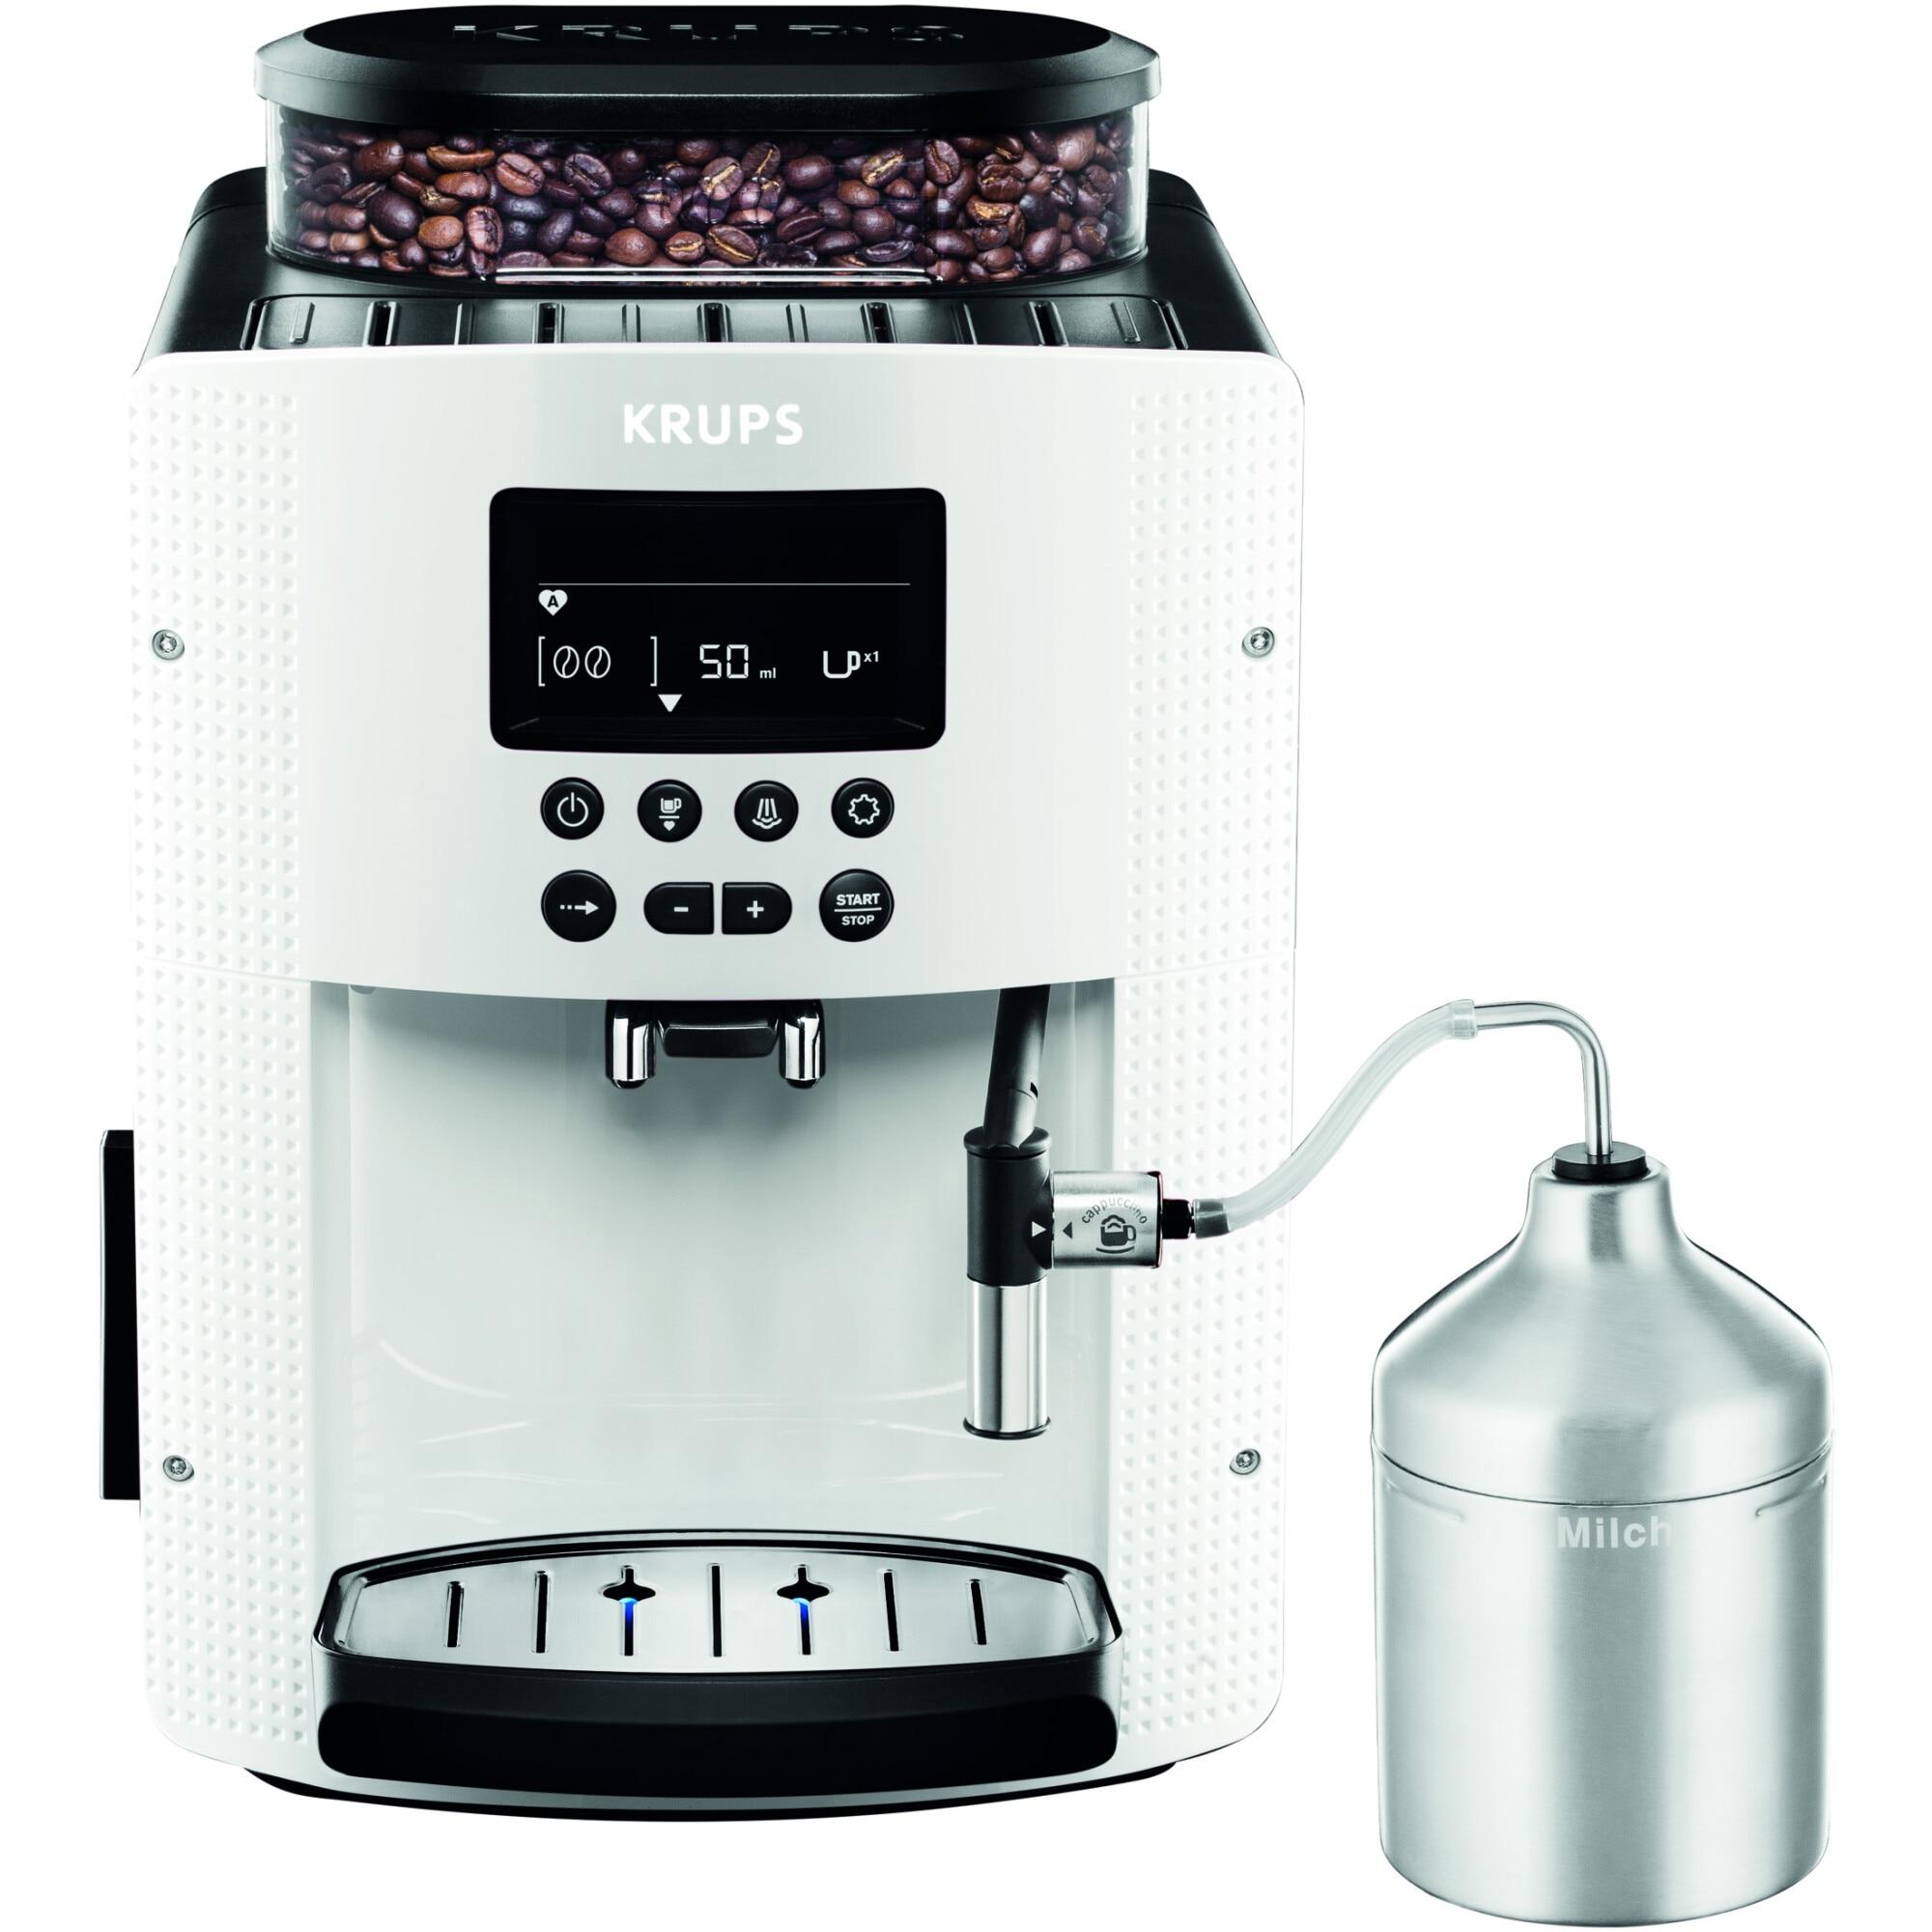 Fotografie Espressor automat Krups Espresseria Automatic EA8161, 1450W, 15 bar, 1.7 l, Alb/Negru